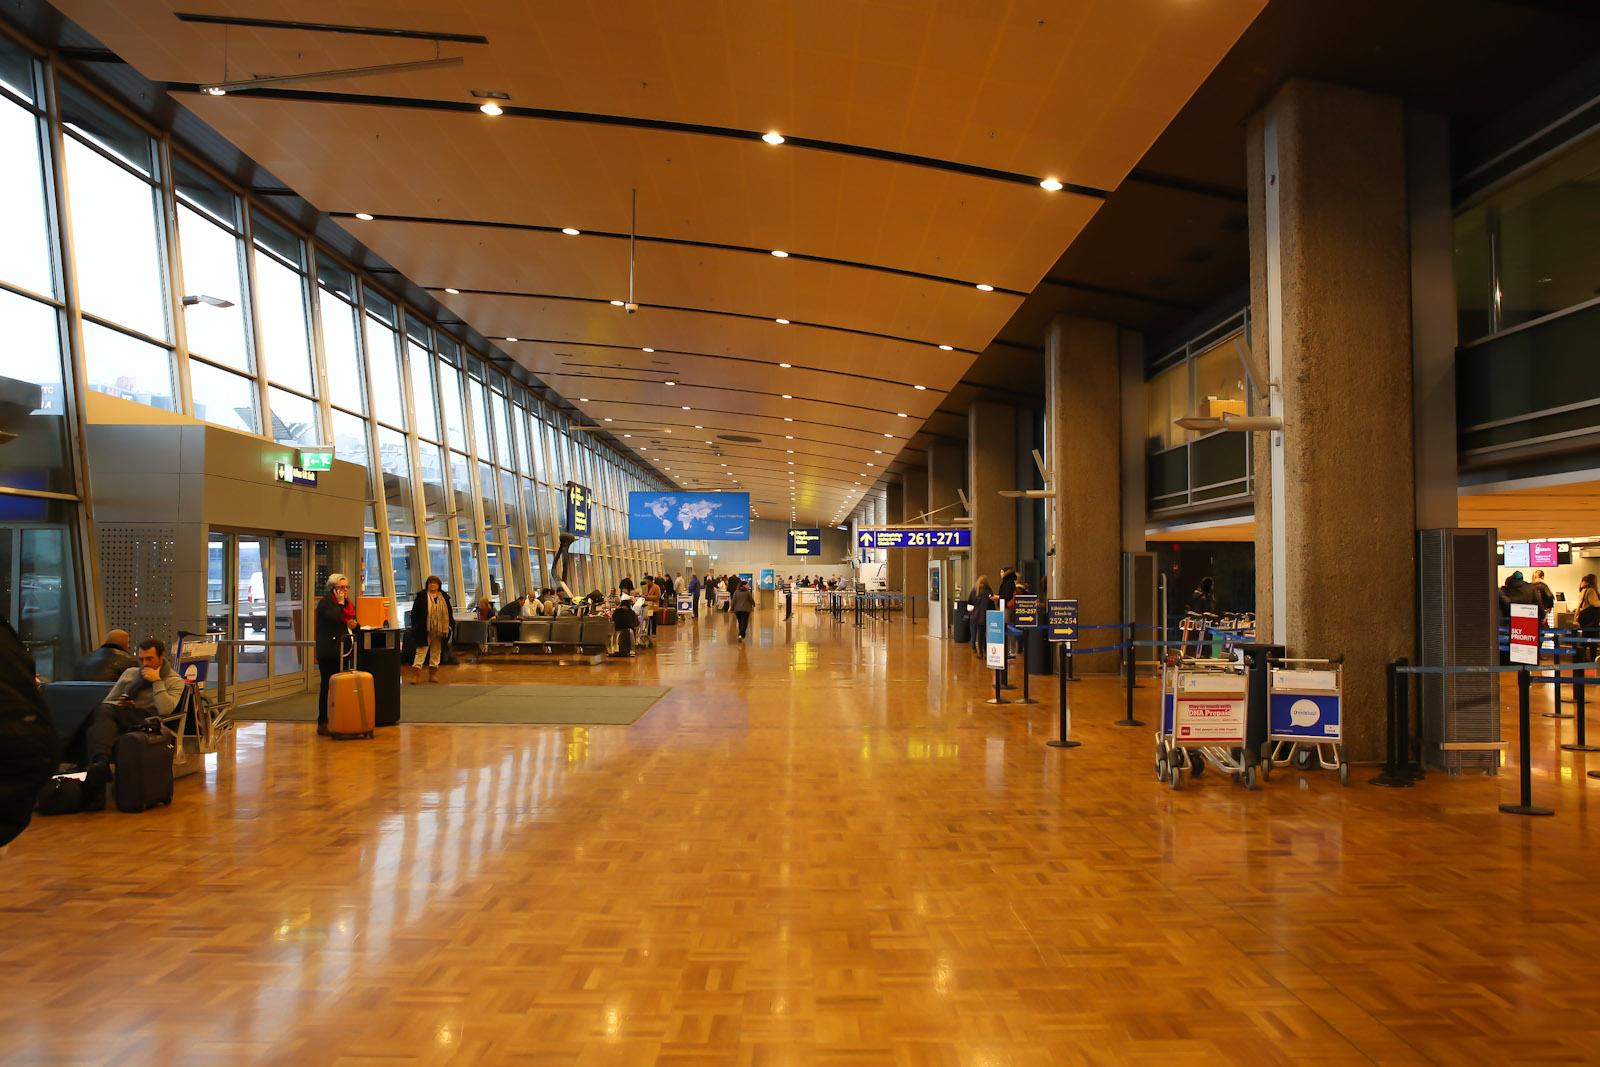 Зона регистрации на международные рейсы в Терминале 2 аэропорта Хельсинки Вантаа